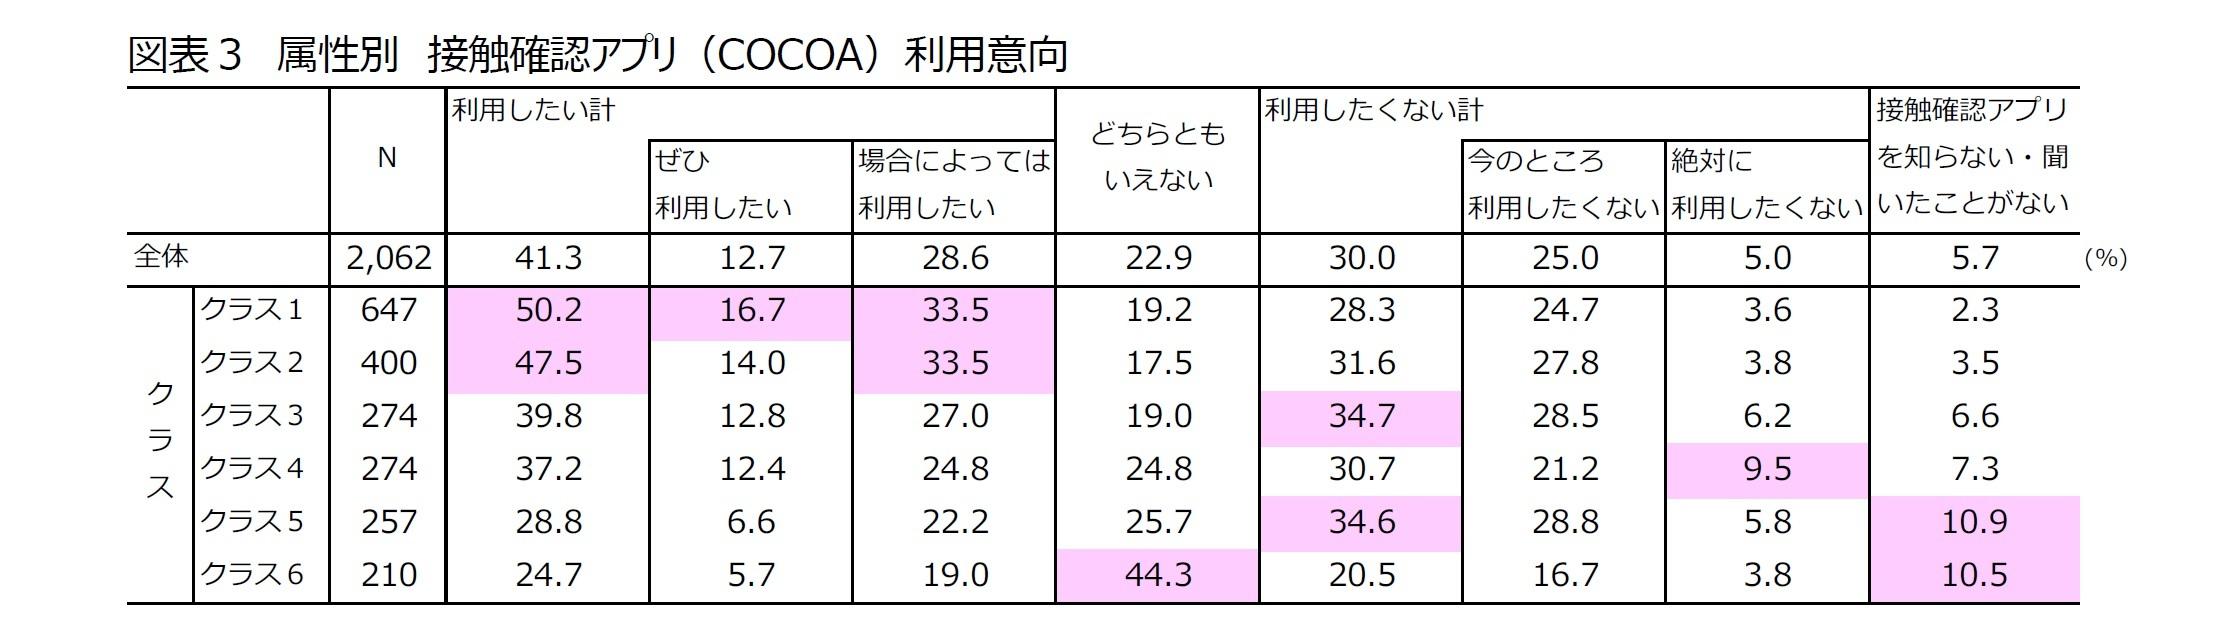 図表3 属性別 接触確認アプリ(COCOA)利用意向